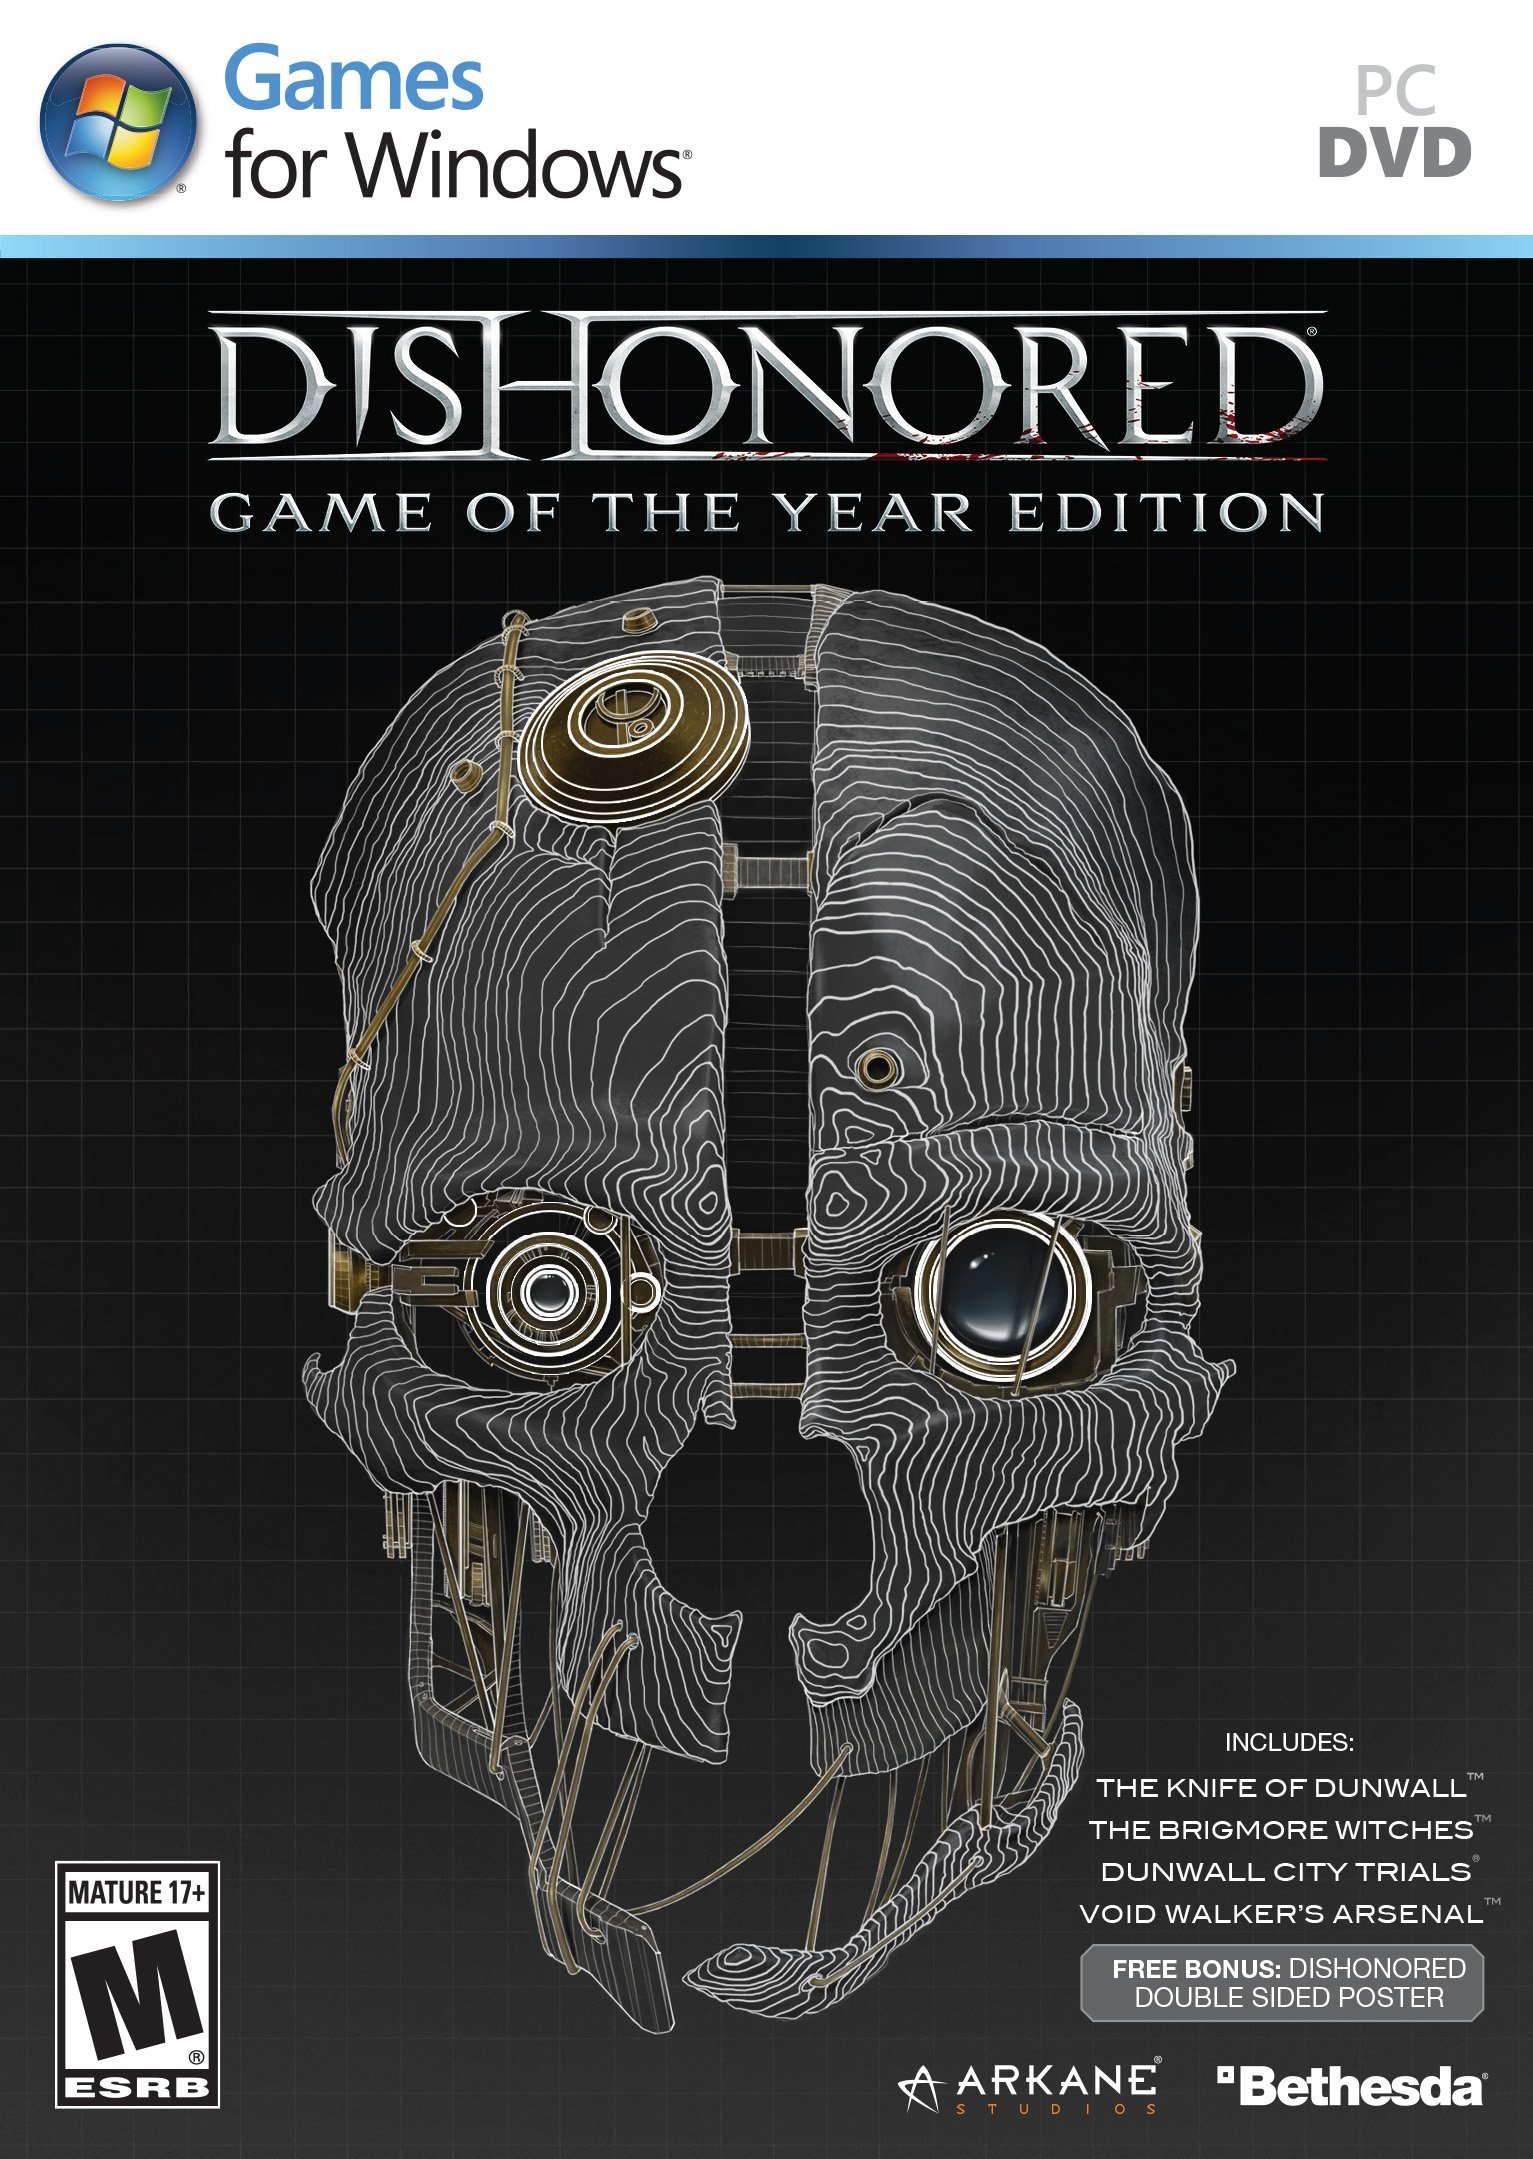 Dishonored: Game of the Year Edition выйдет в октябре 2013 года (8 в США и 11 в Европе) на PC и консолях текущего по ... - Изображение 1